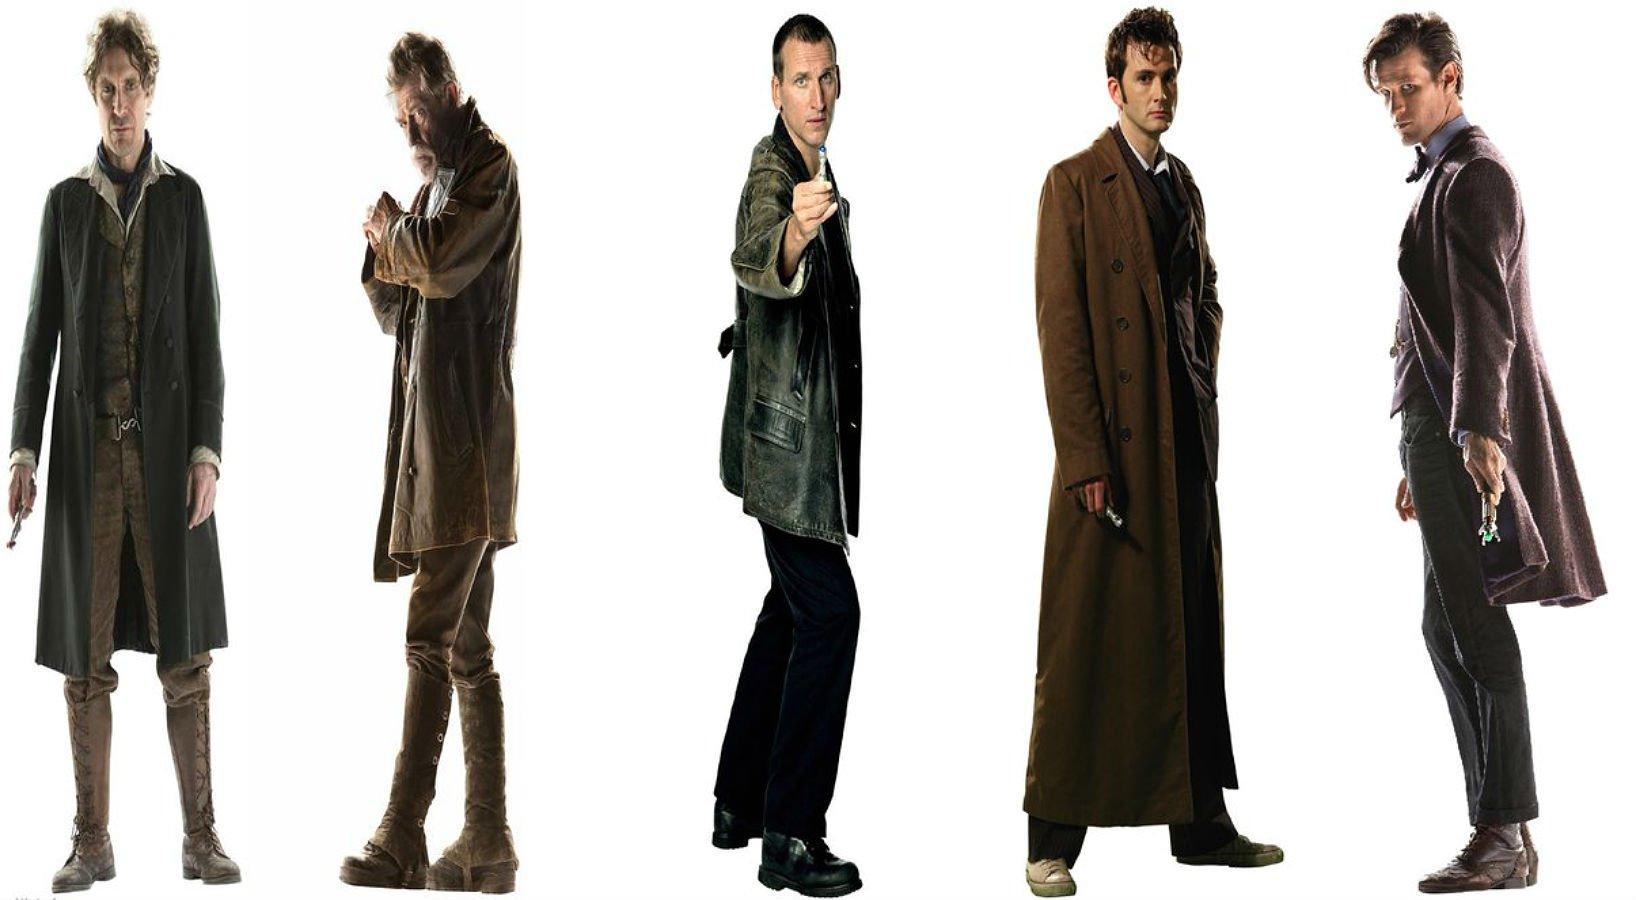 doctor, Who, Bbc, Sci fi, Futuristic, Series, Comedy, Adventure, Drama, 1dwho, Tardis Wallpaper